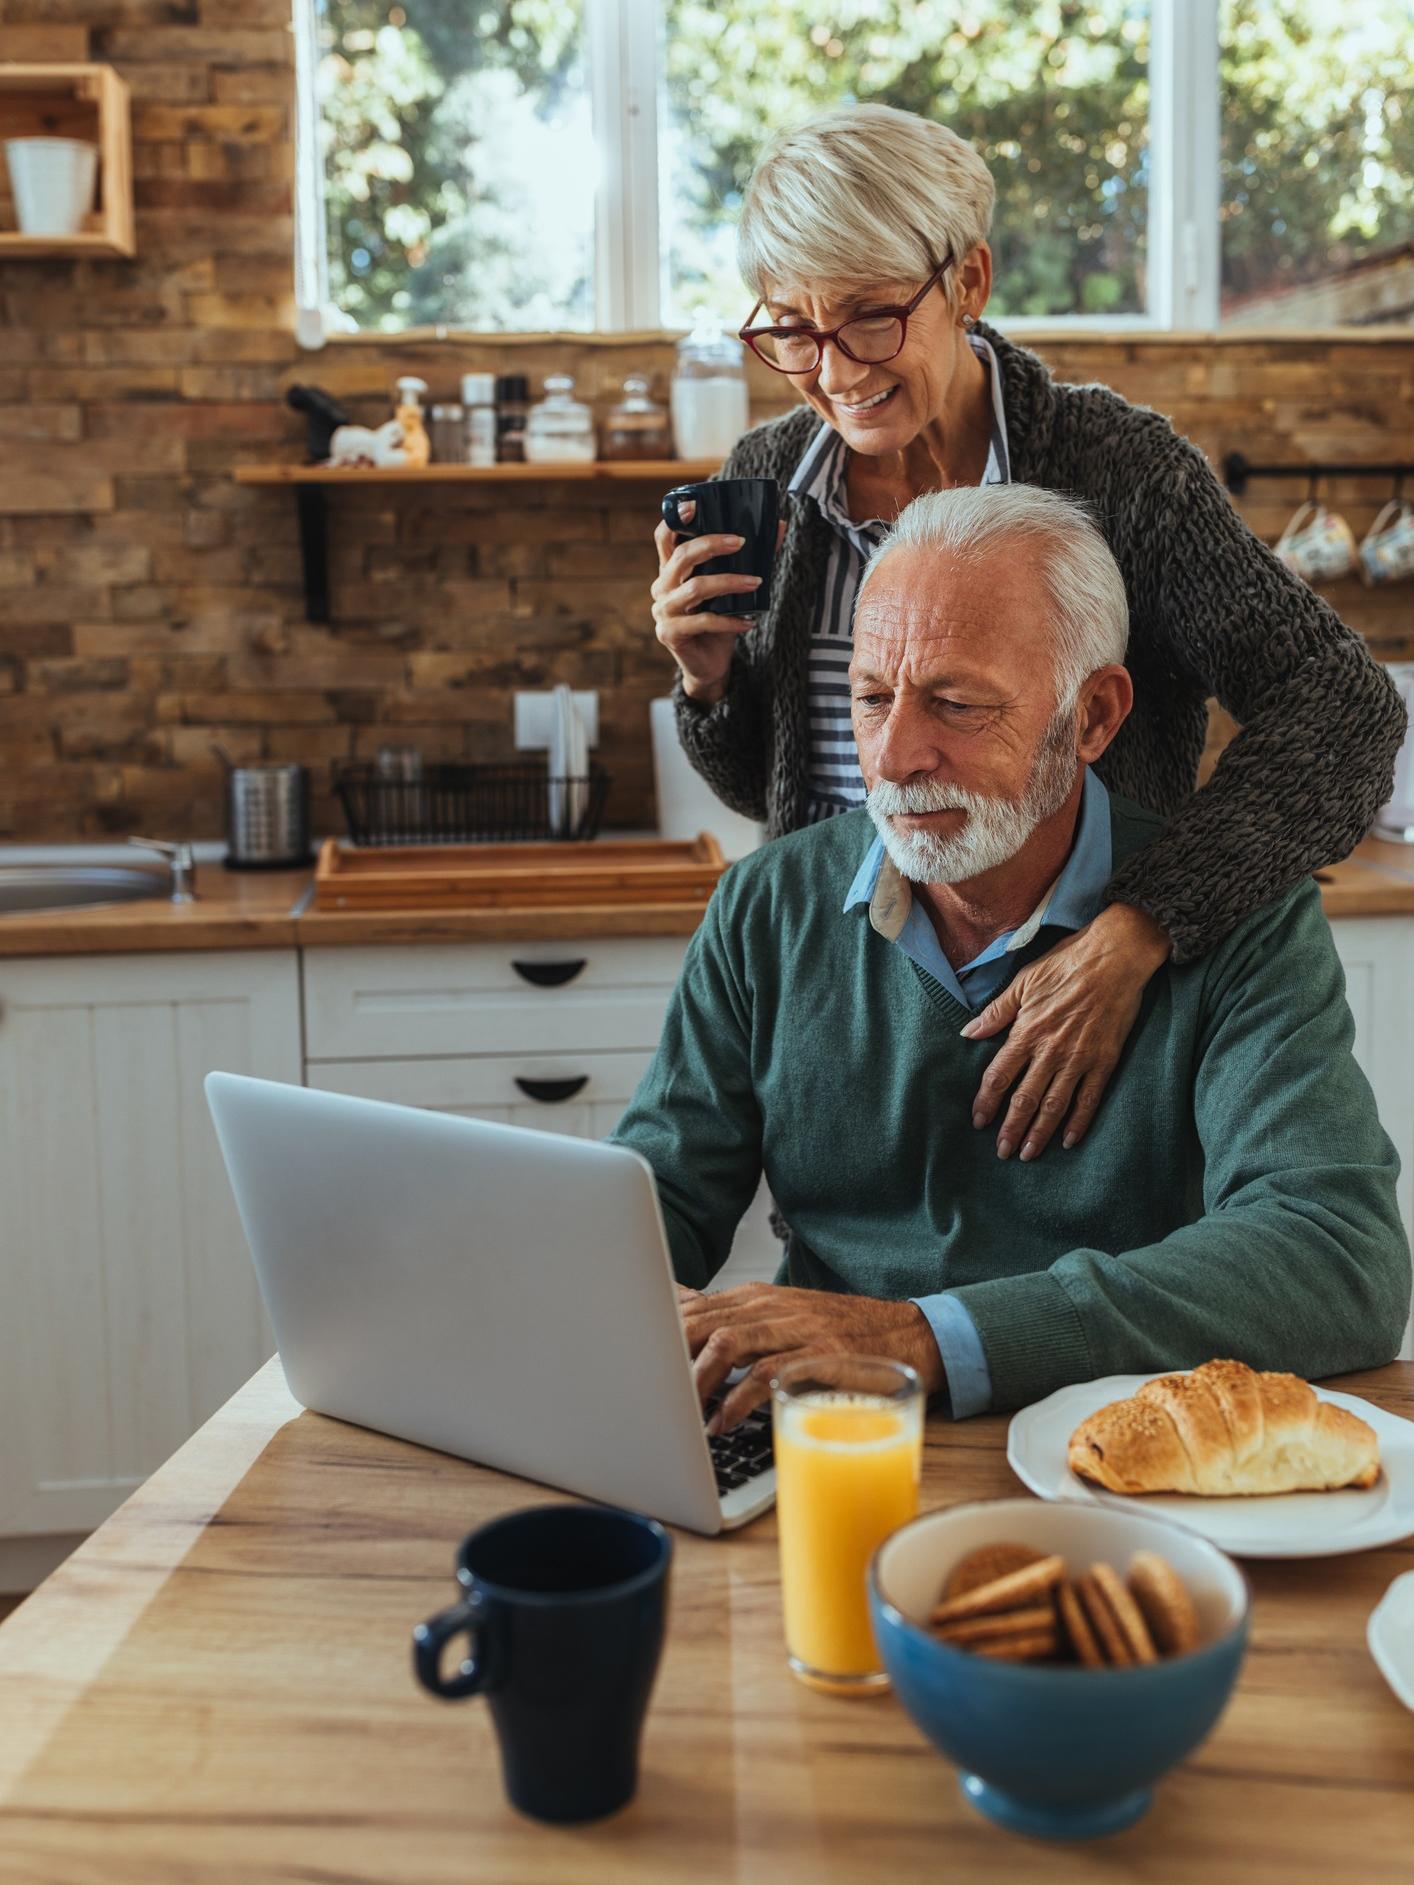 Sfeerbeeld: een ouder stel bekijkt iets op een laptop tijdens het ontbijt.